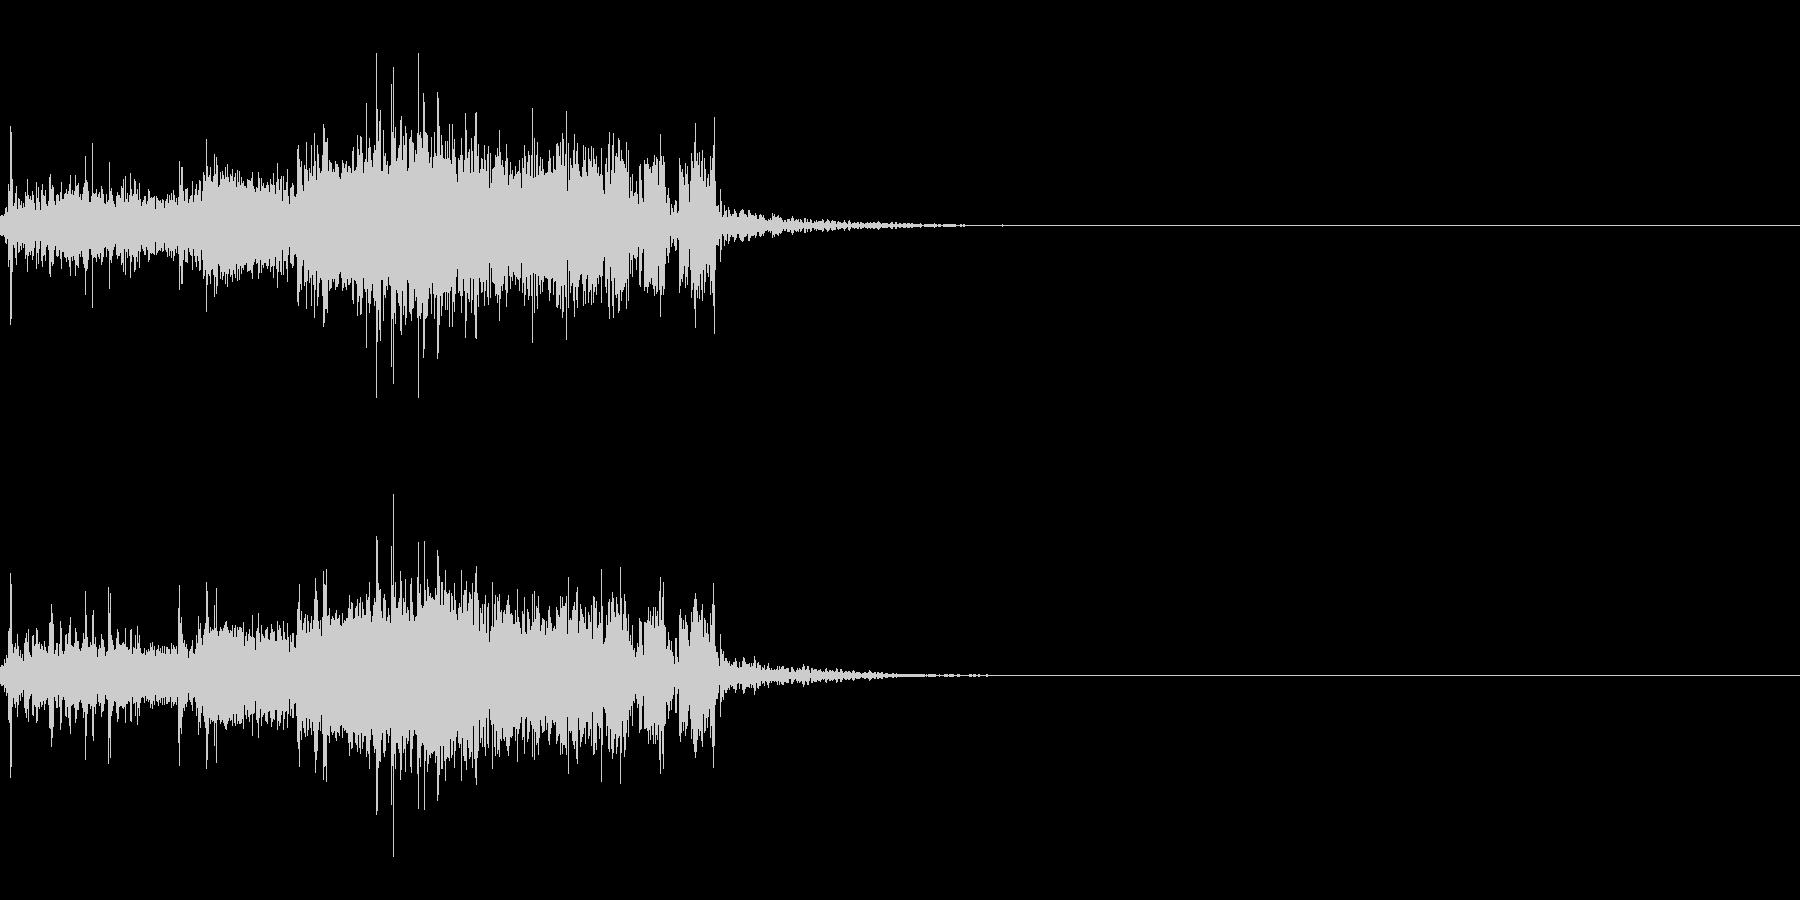 スパーク音-19の未再生の波形